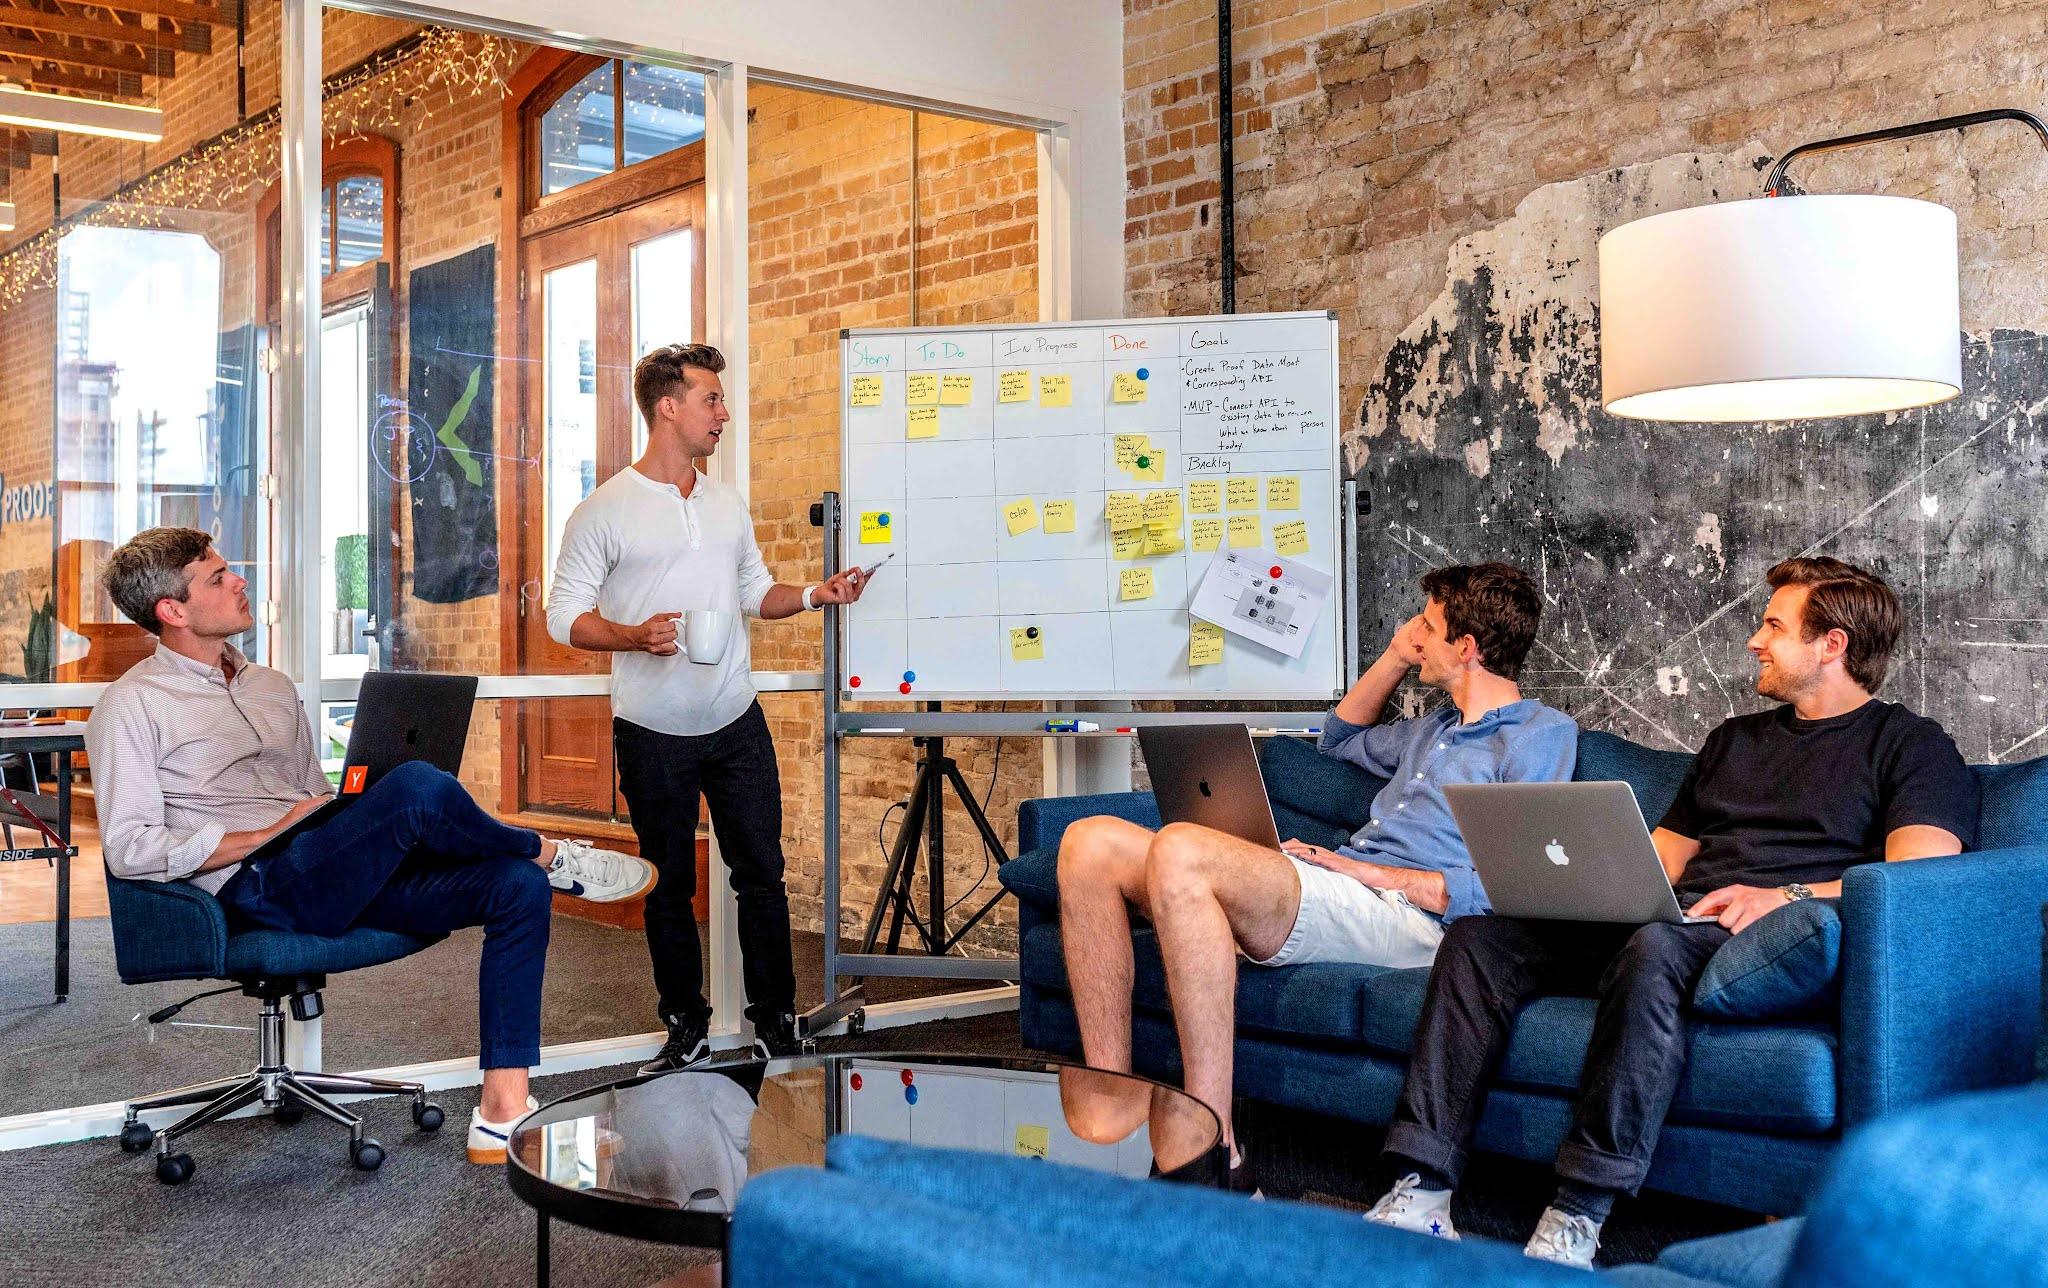 Pengalaman dan Kelebihan Bekerja di Startup